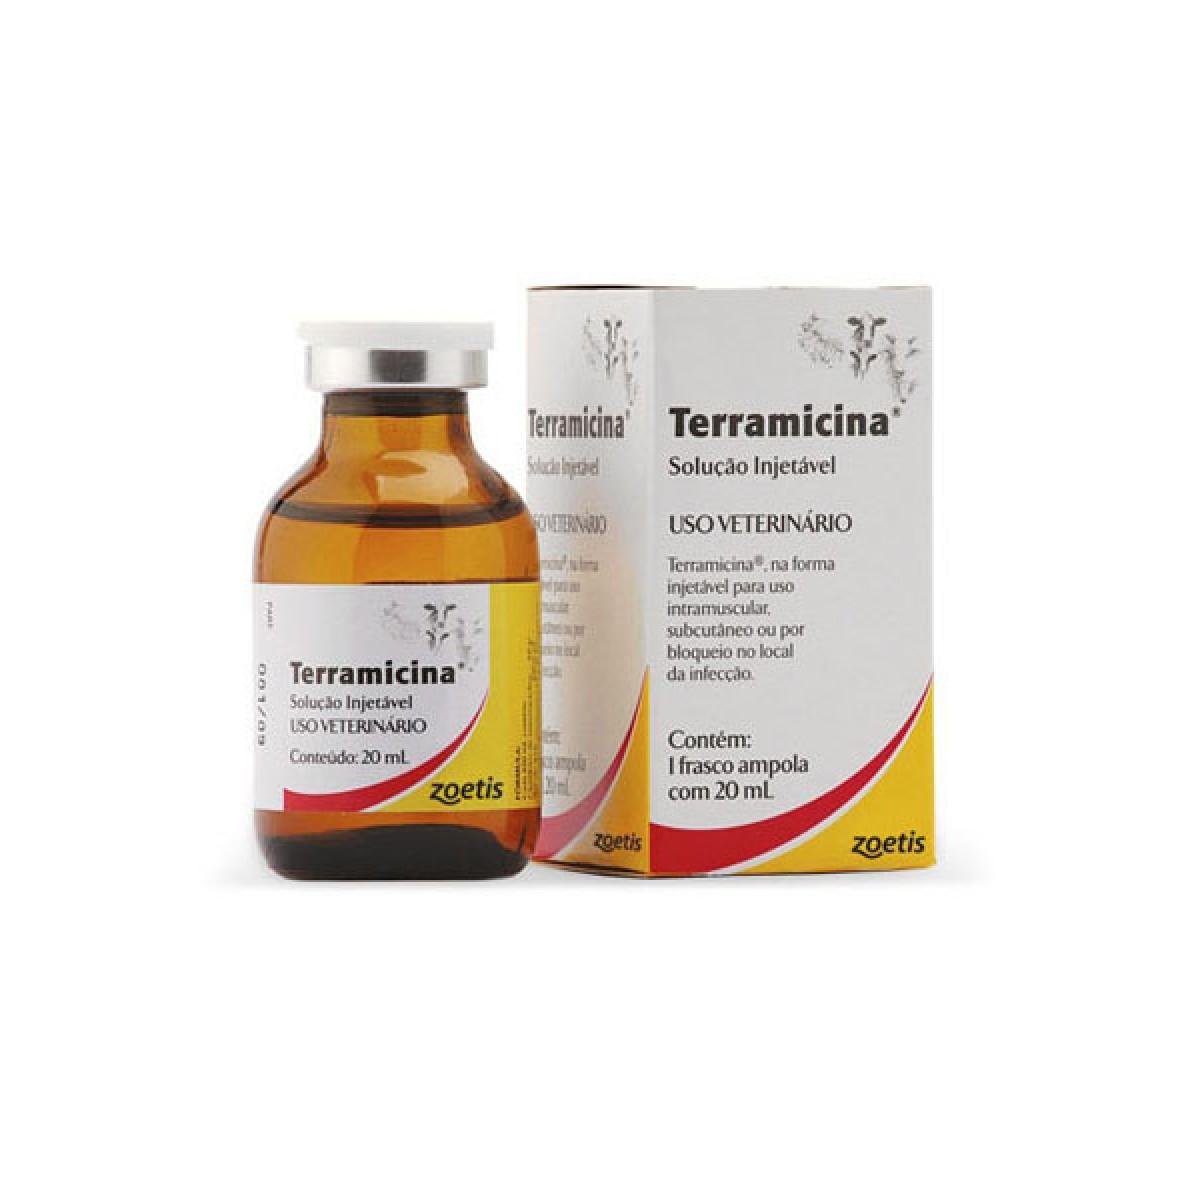 Zoetis - Terramicina LA 20ML